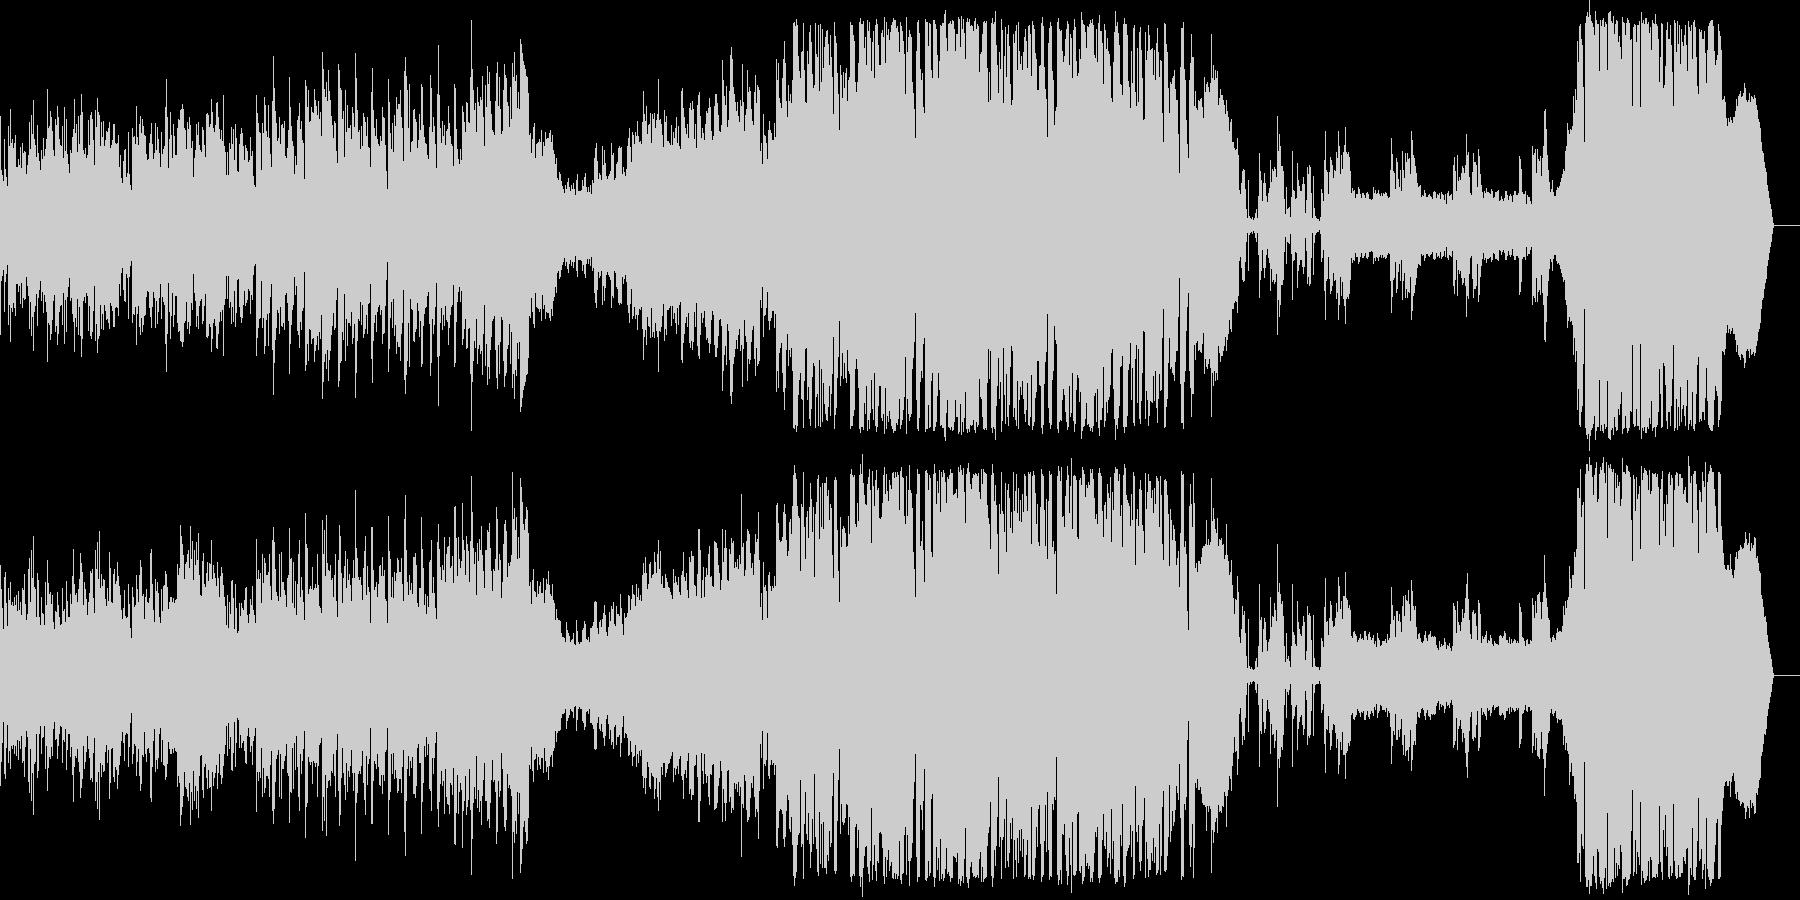 ボーカル入りのクールなEDM楽曲の未再生の波形